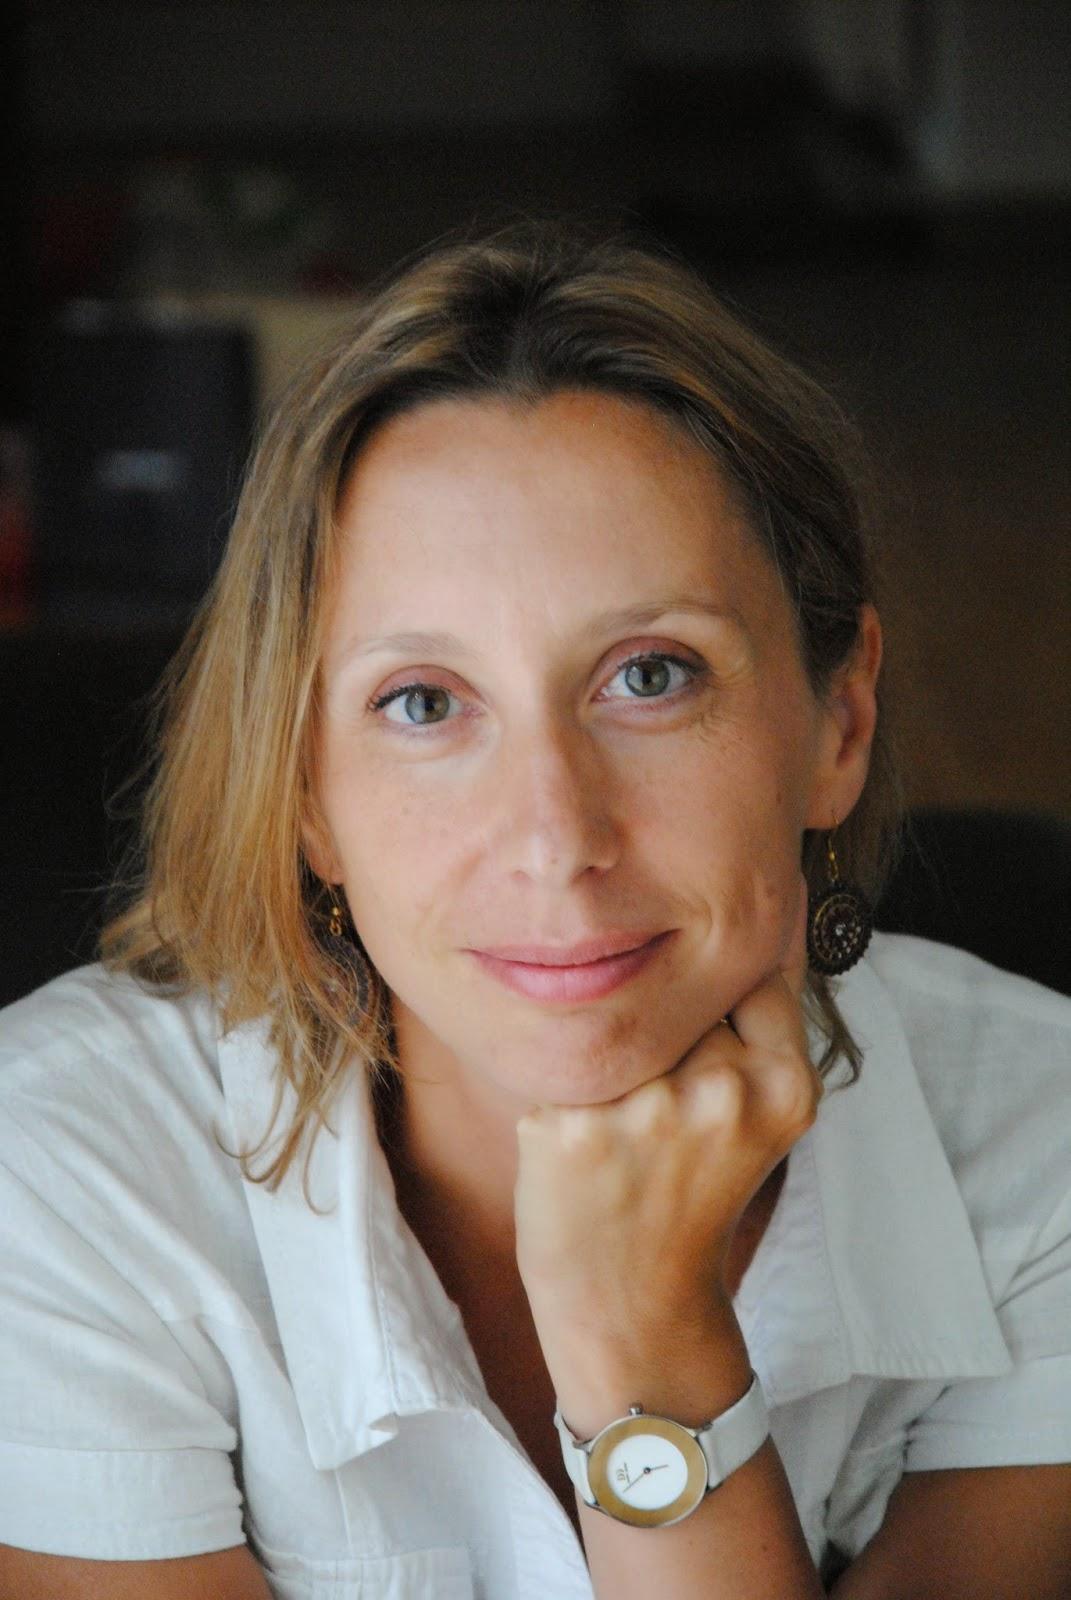 Virginie Jocteur, fondatrice d'OptimExpat